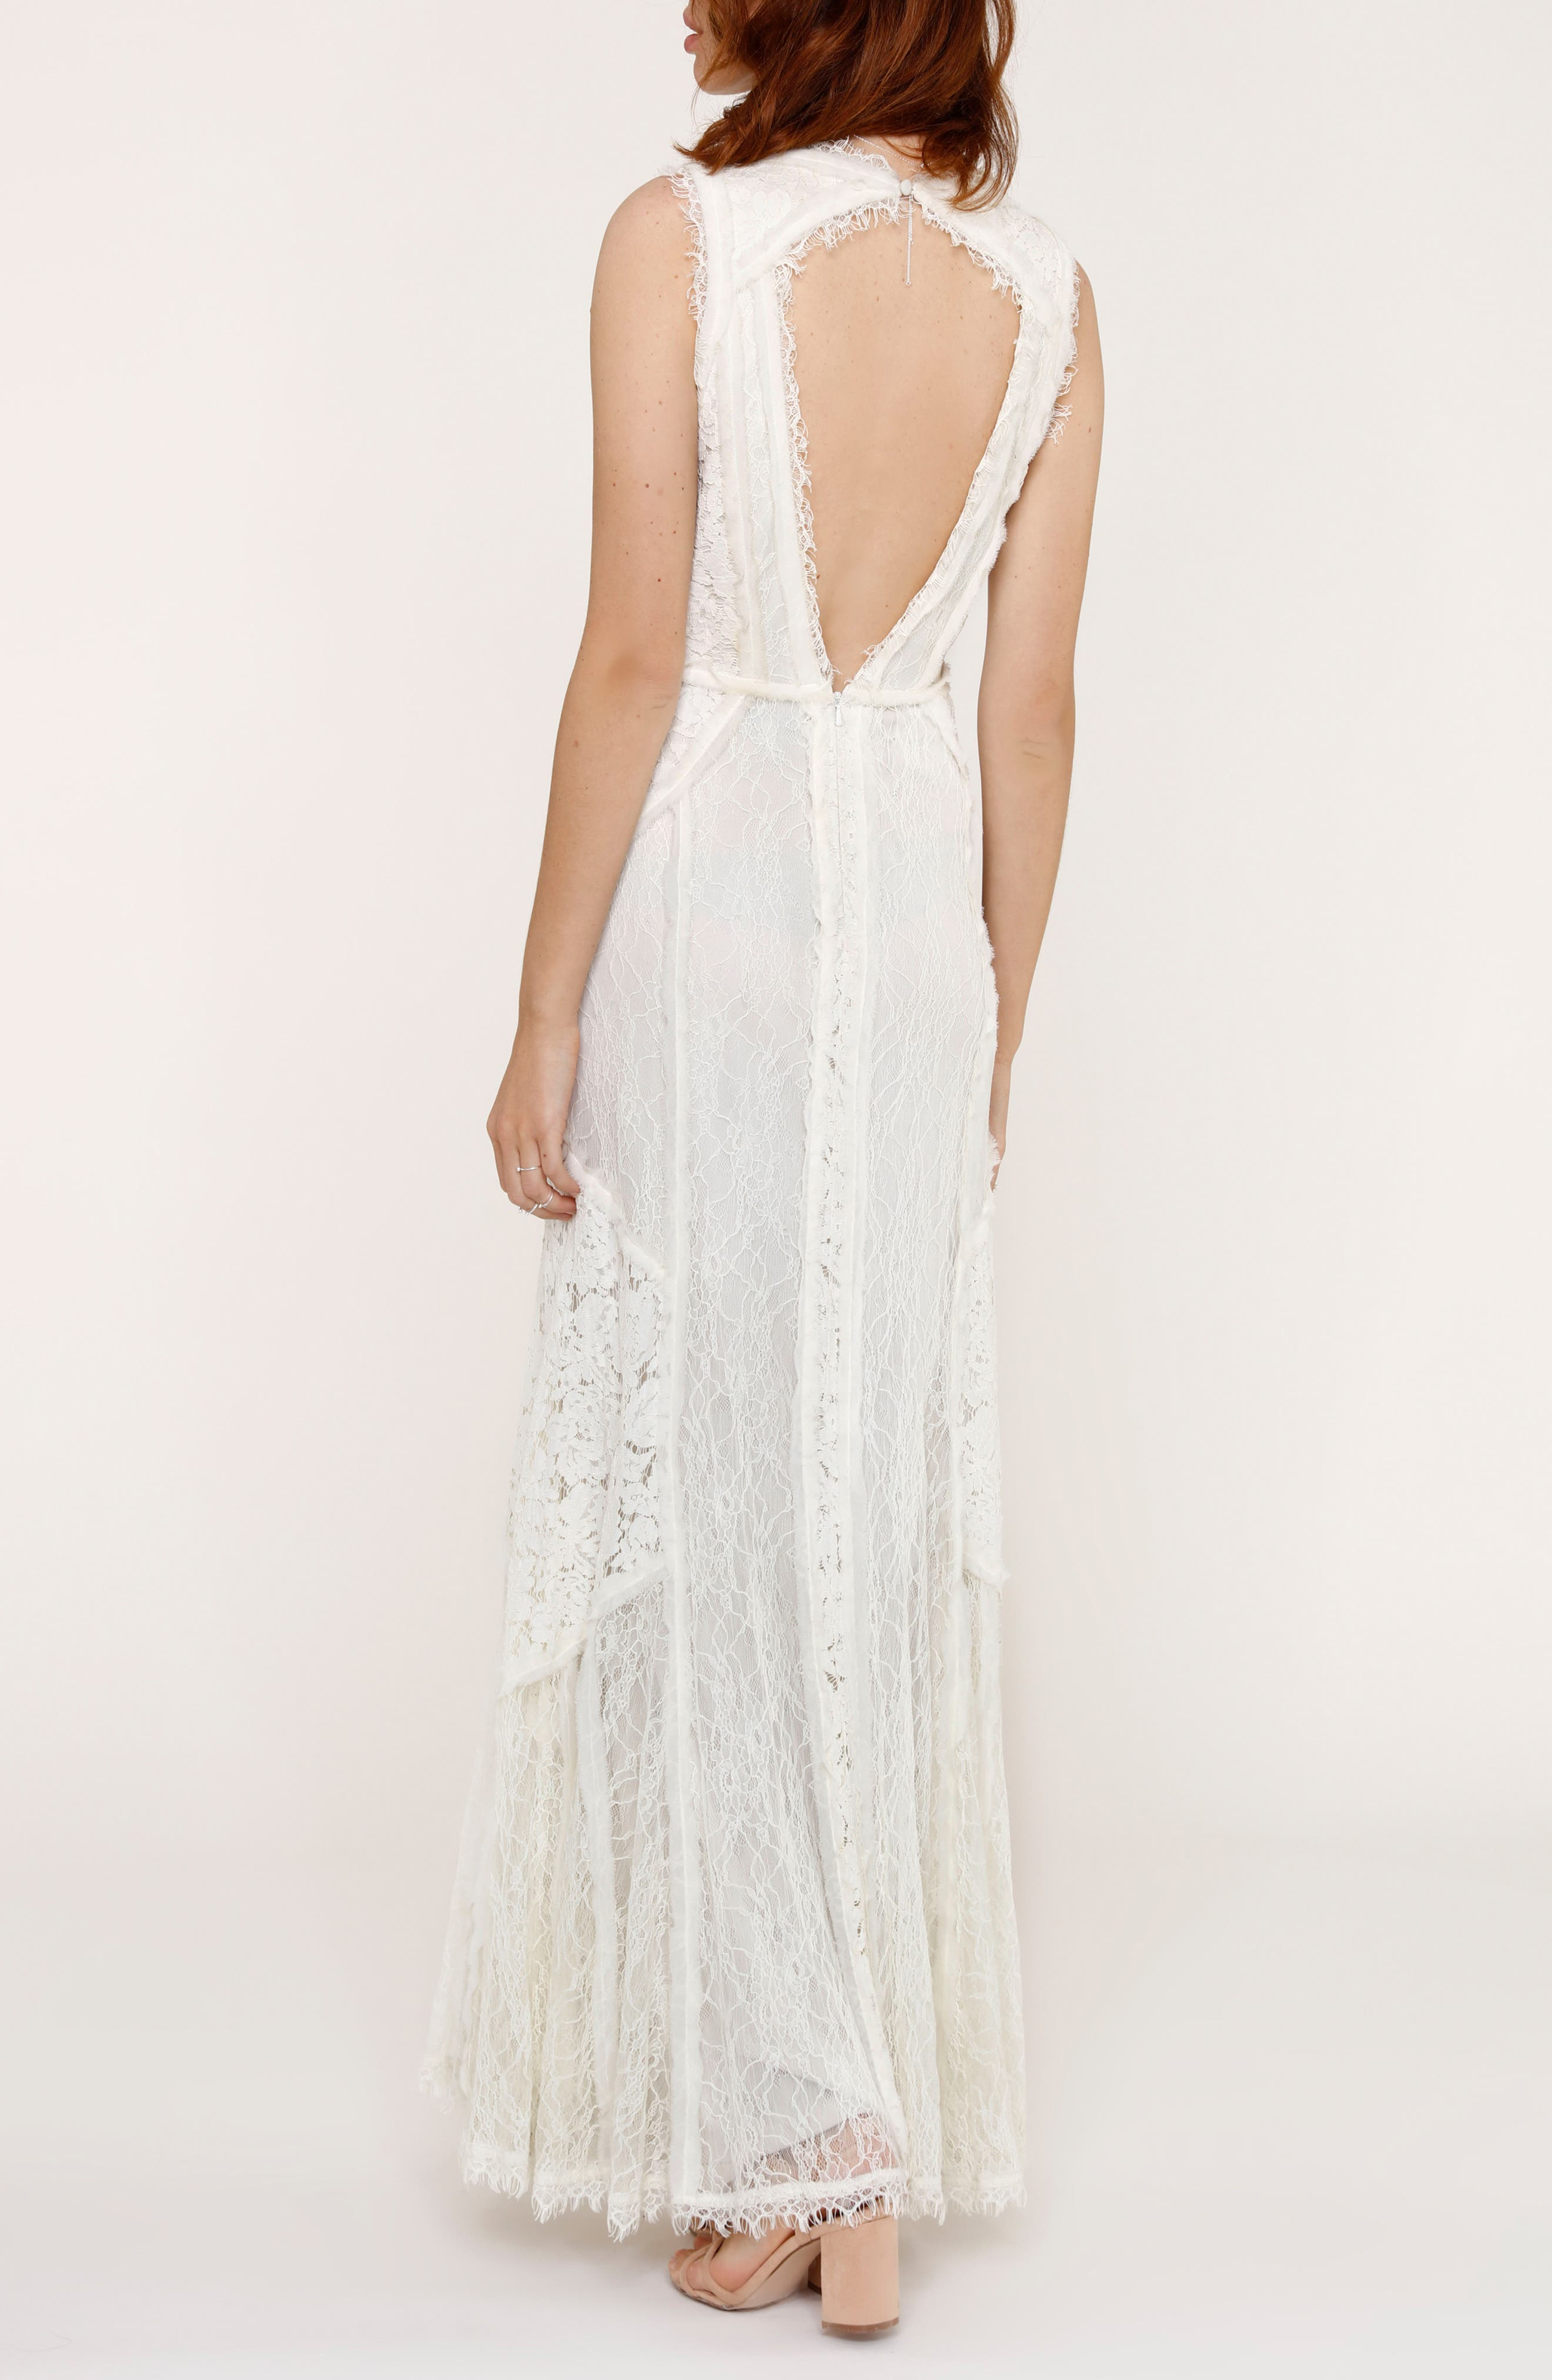 Felix Cutout Back Lace Fit & Flare Dress,                             Alternate thumbnail 2, color,                             101